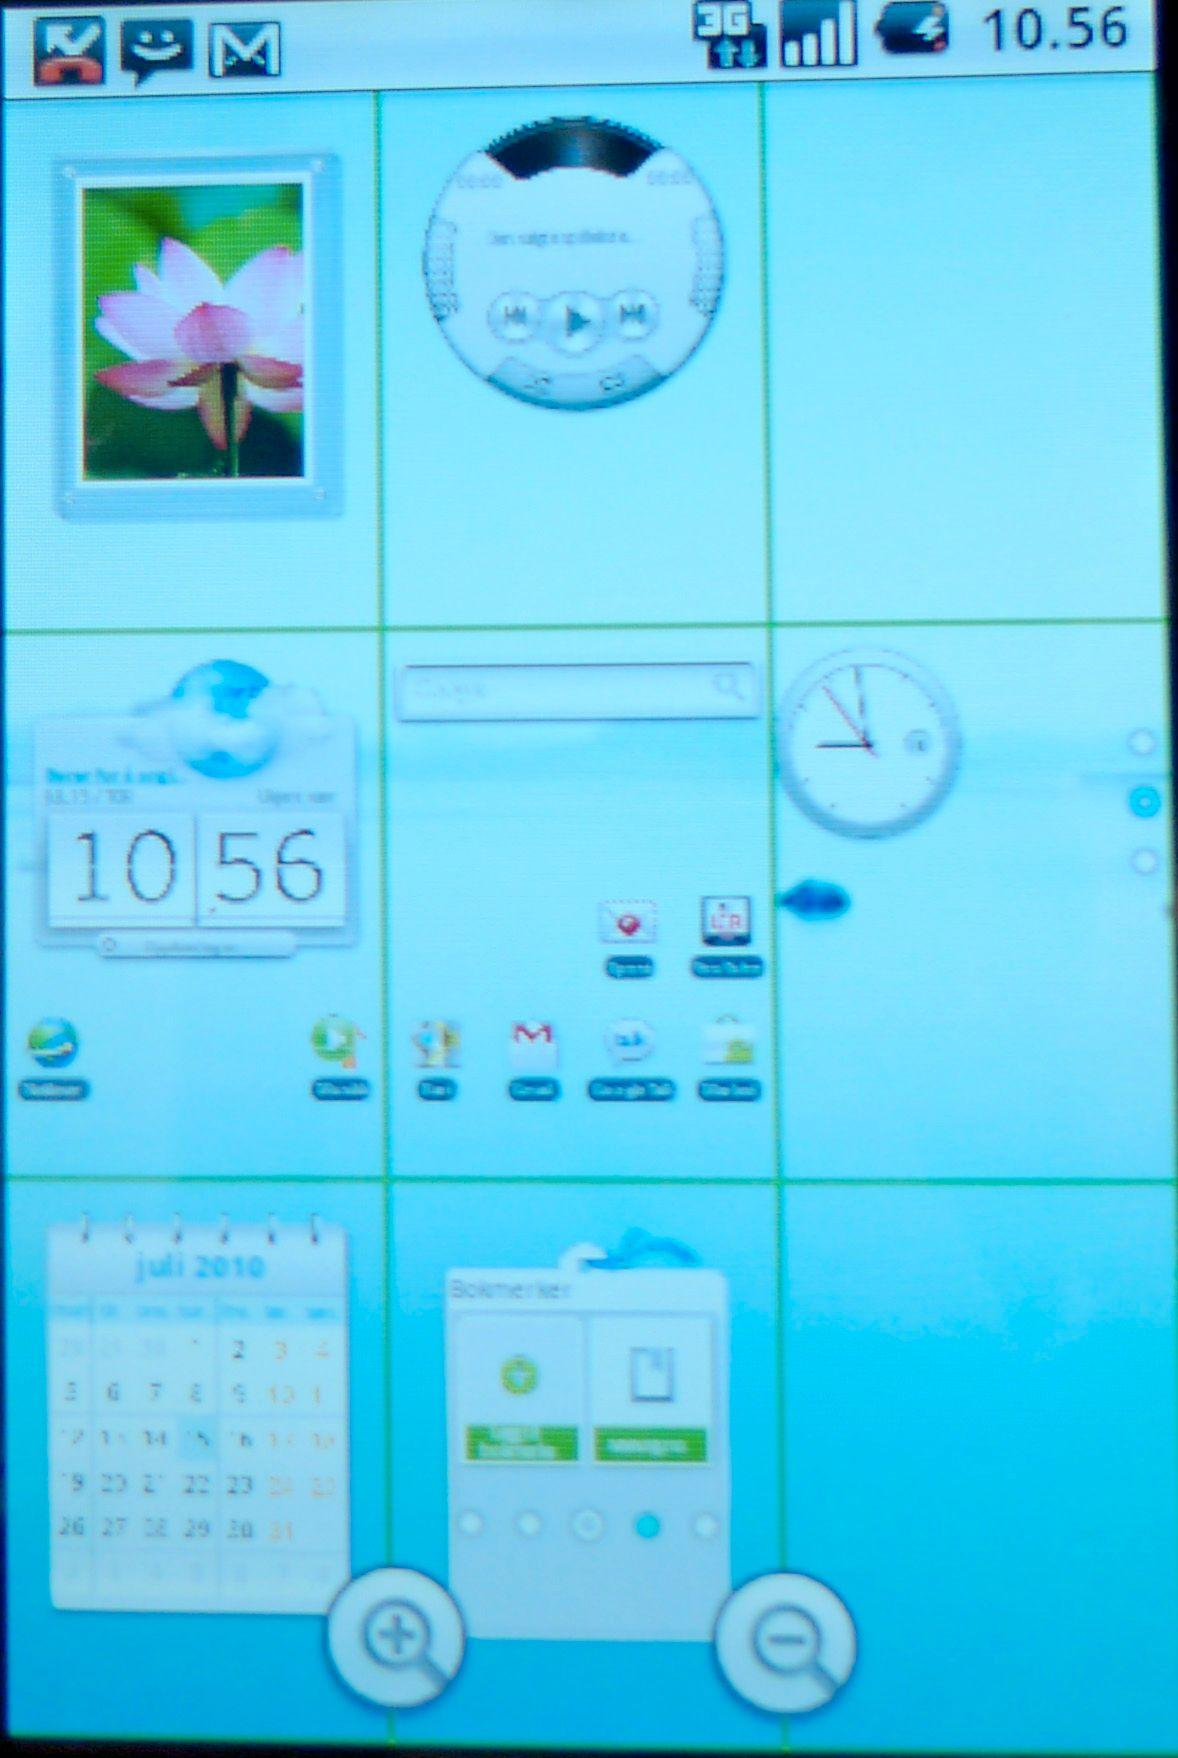 Slik ser oversiktsbildet over skrivebordene ut. Prikker til høyre og nederst ved zoom-verktøyene indikerer hvor man er. Obs! Skjermskuddene representerer ikke skjermkvaliteten fullgodt.